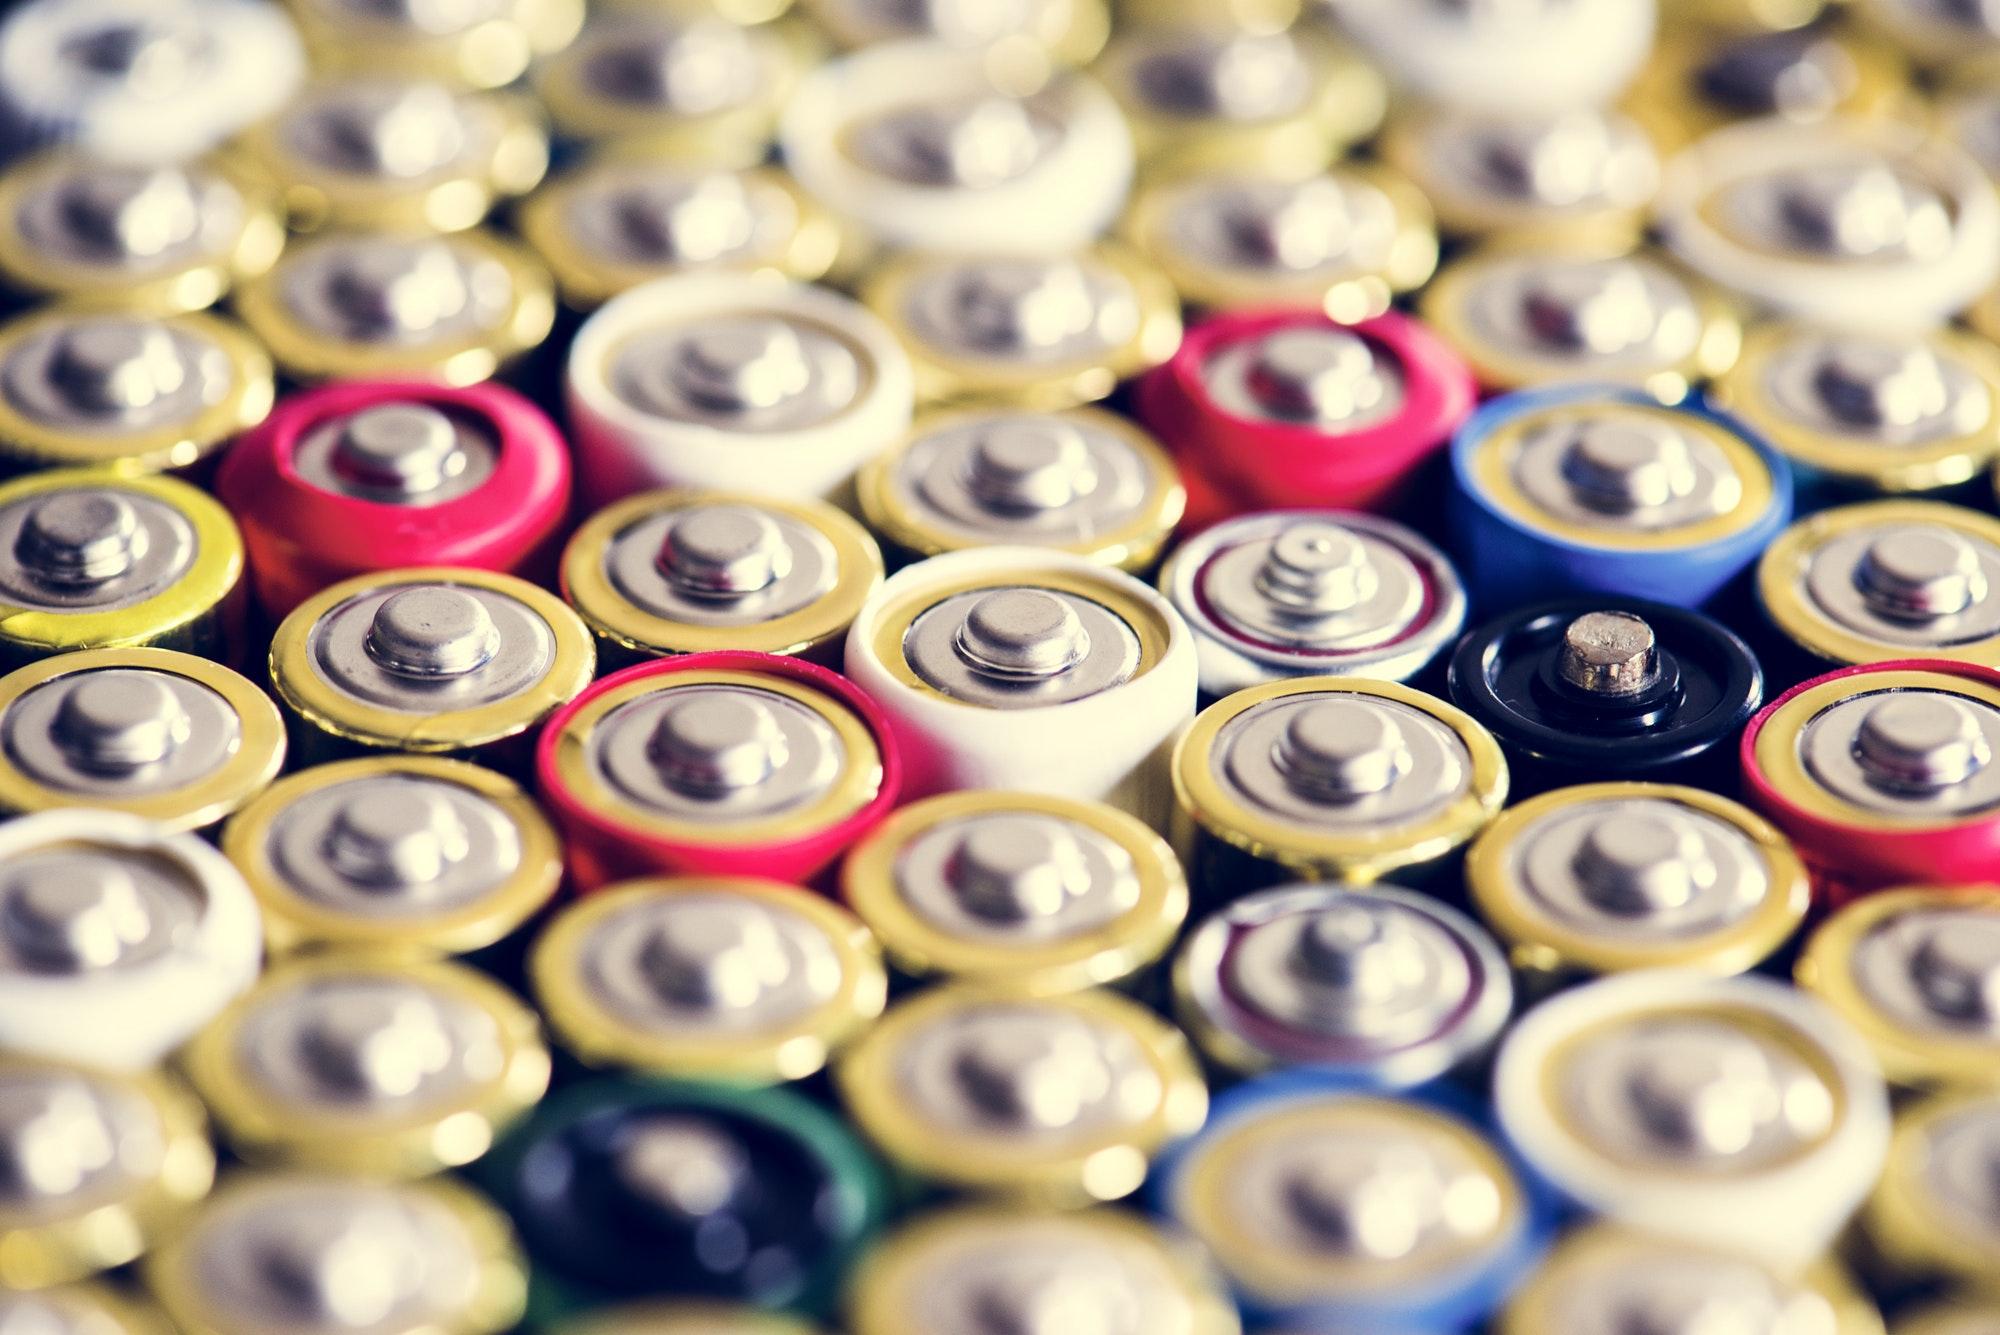 Alkaline battery background